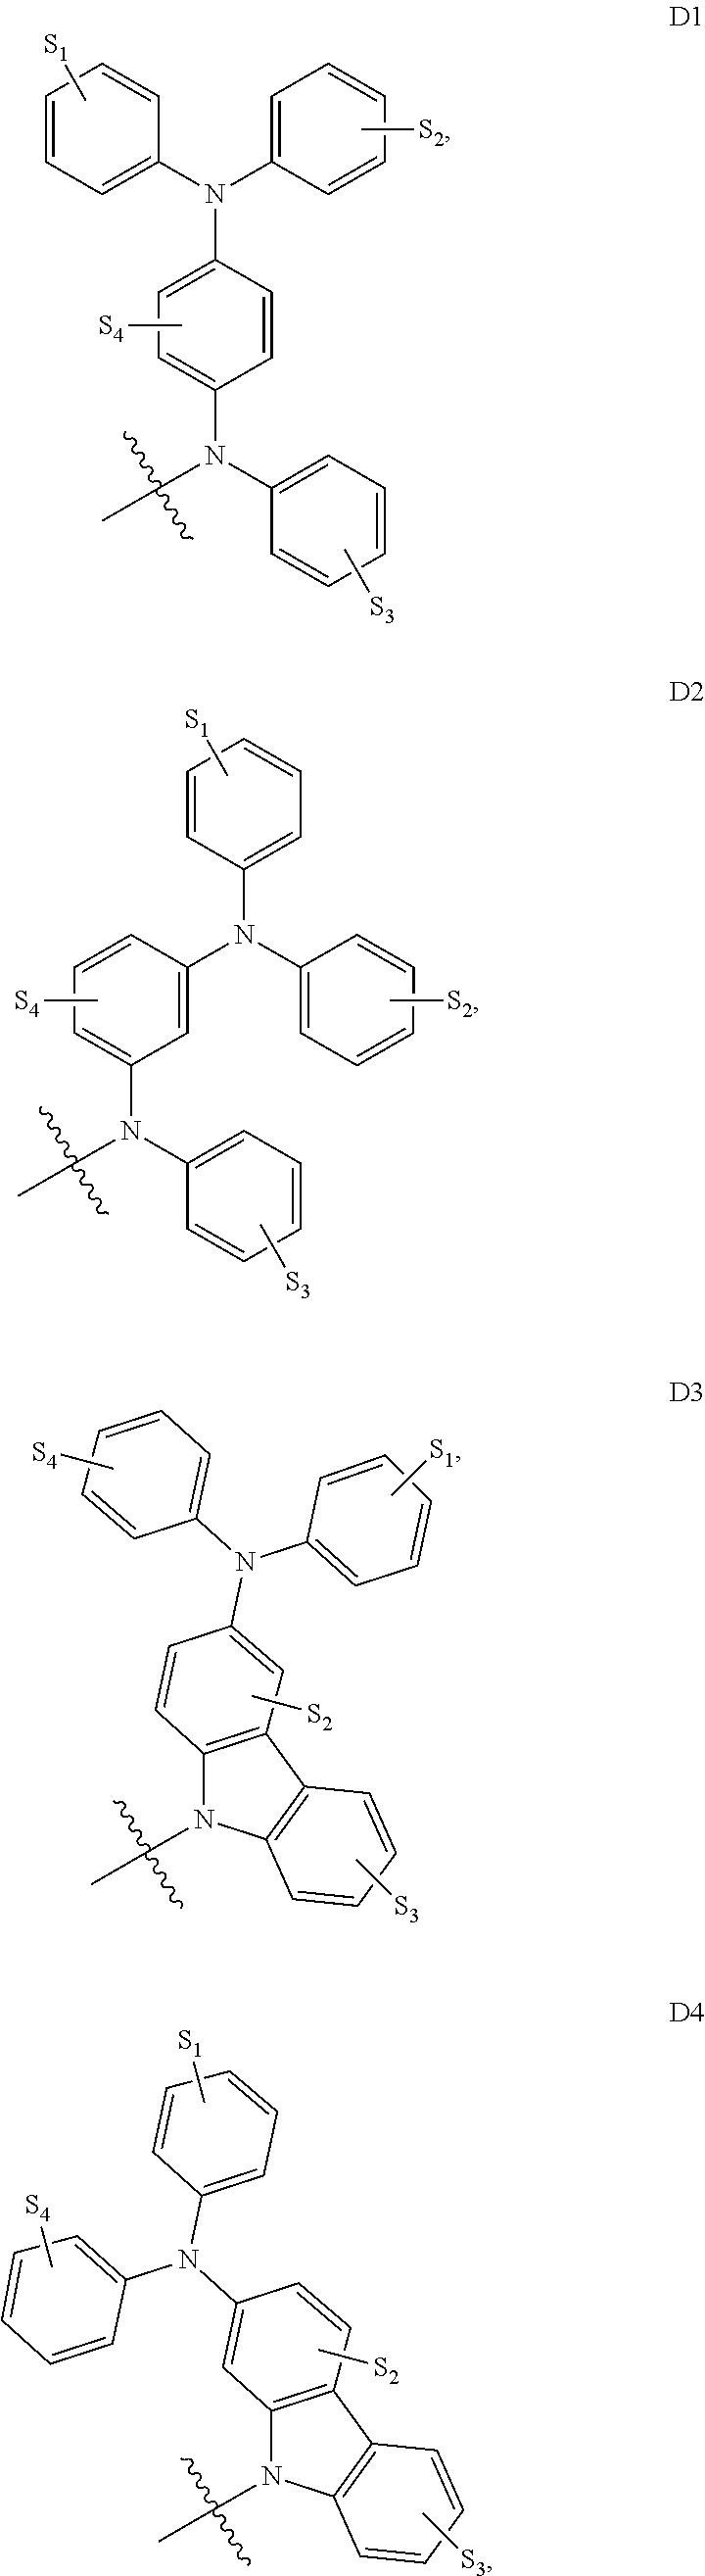 Figure US09537106-20170103-C00468